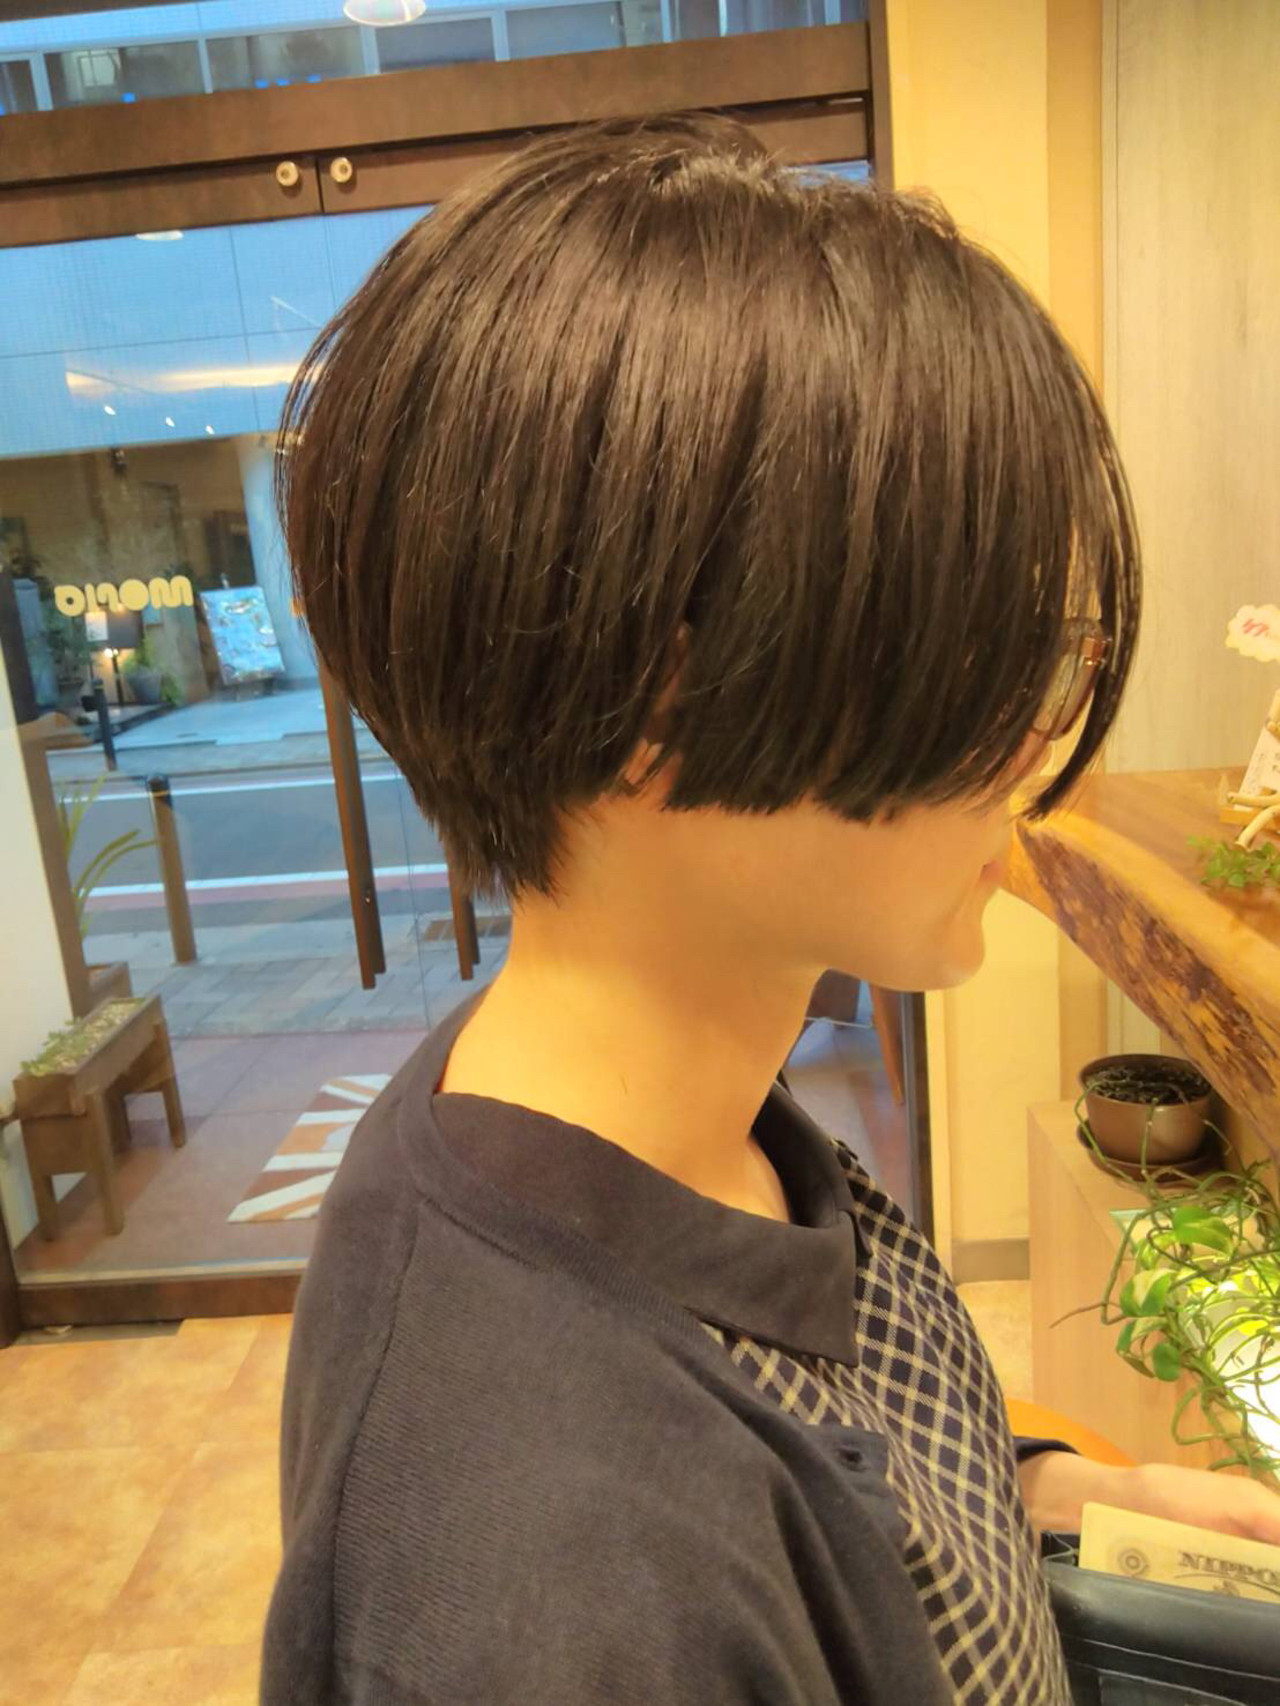 ナチュラル 大人かわいい 艶髪 黒髪 ヘアスタイルや髪型の写真・画像